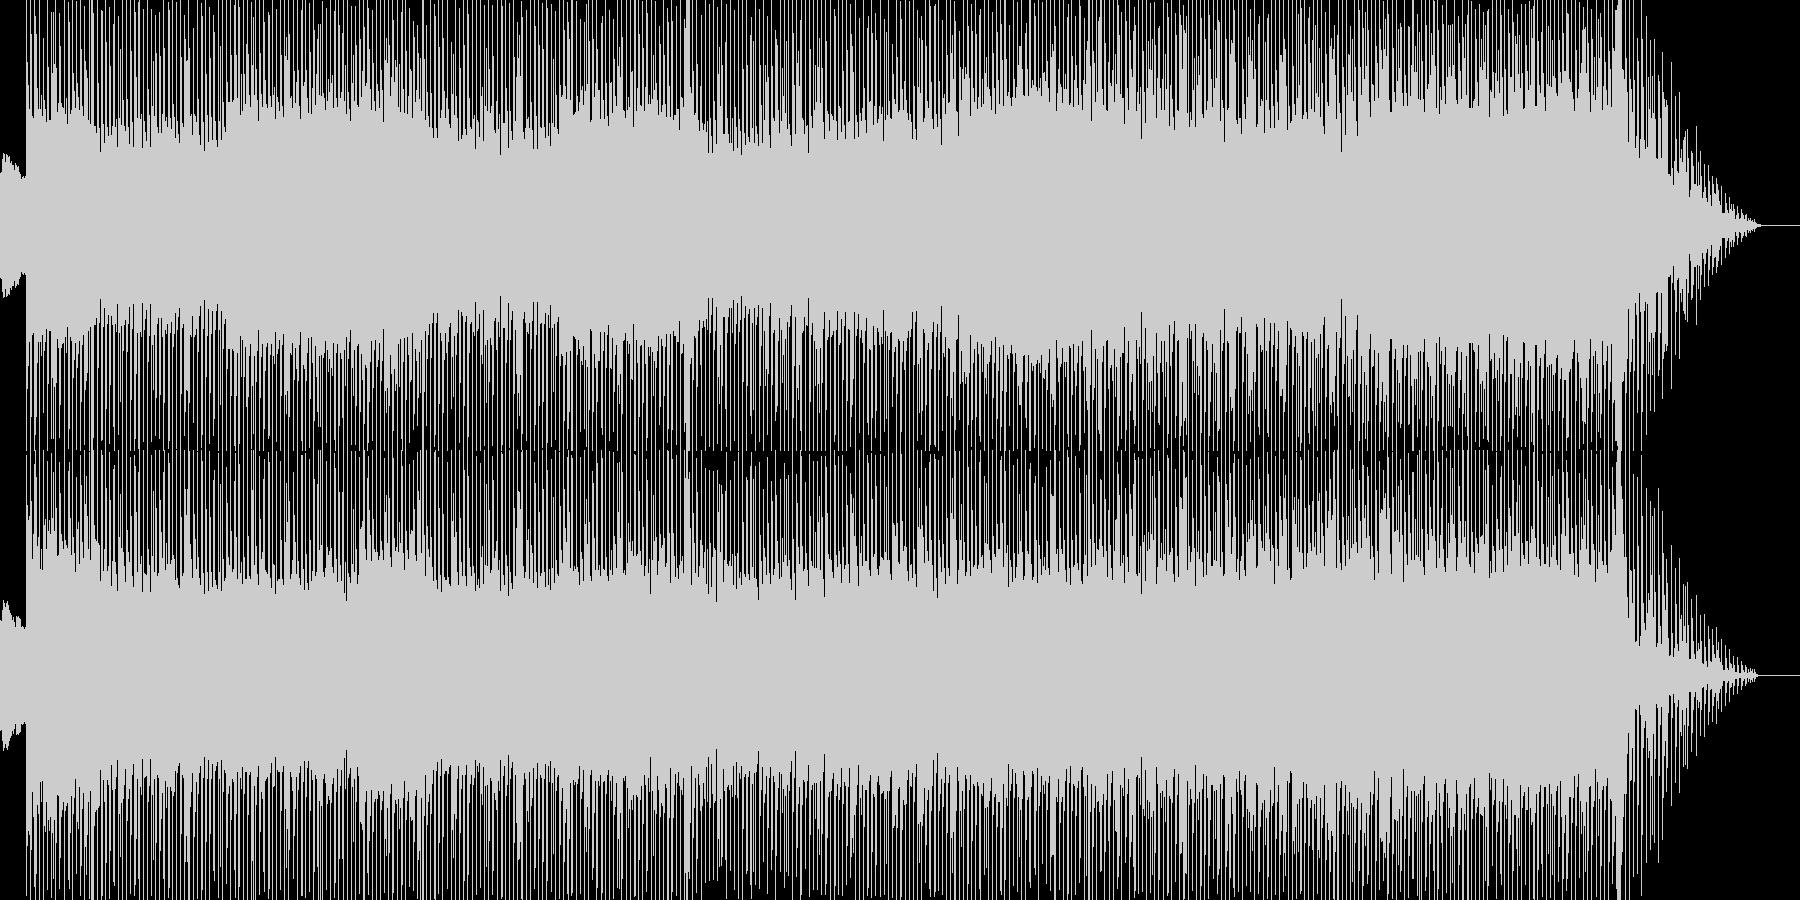 クールなトランス、テクノ♪の未再生の波形